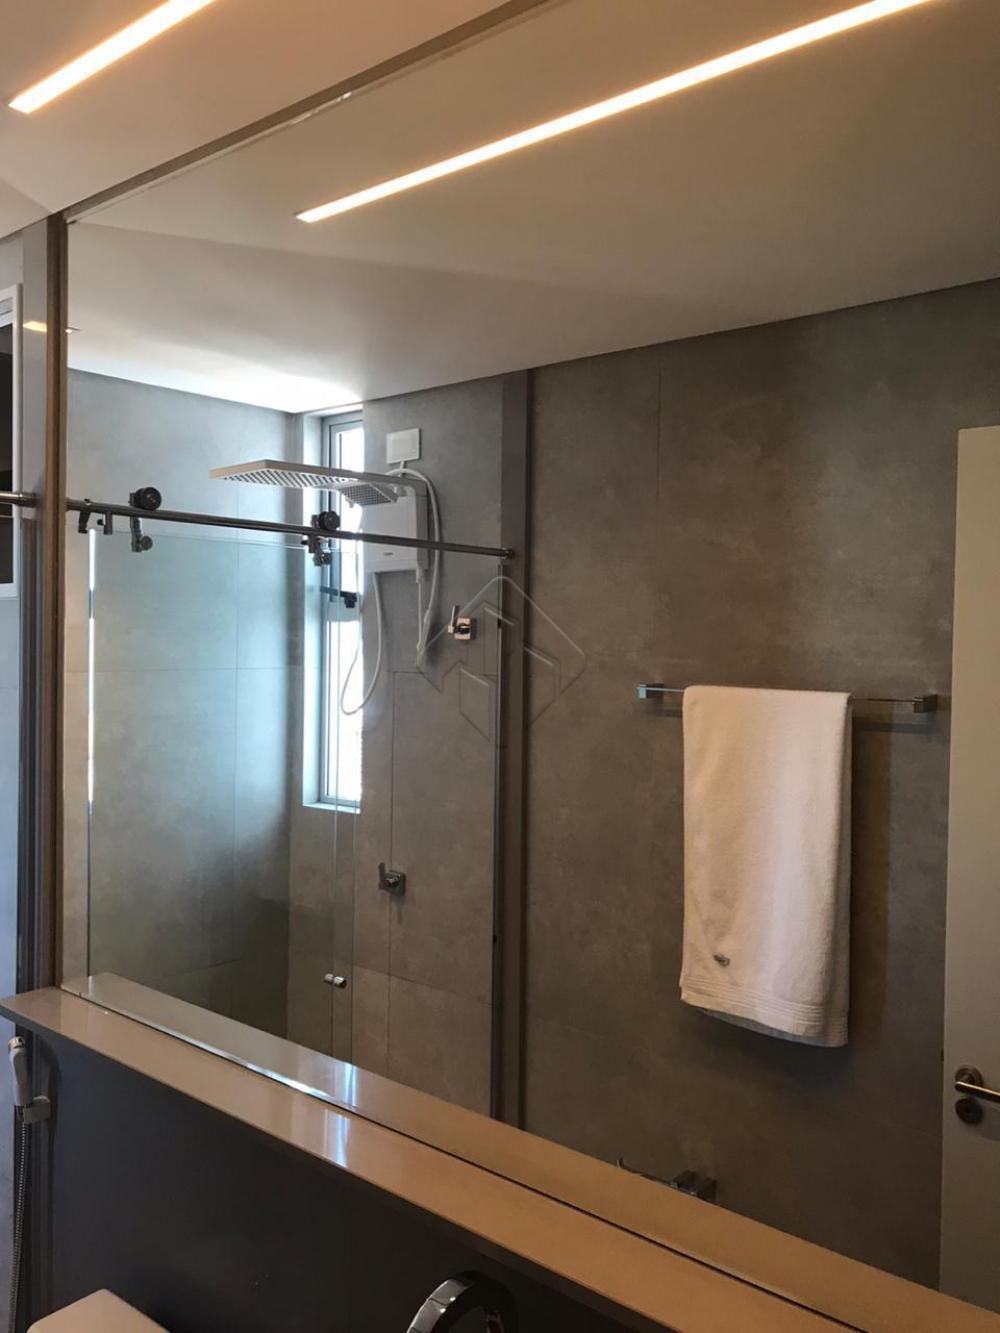 Comprar Apartamento / Padrão em João Pessoa apenas R$ 880.000,00 - Foto 26